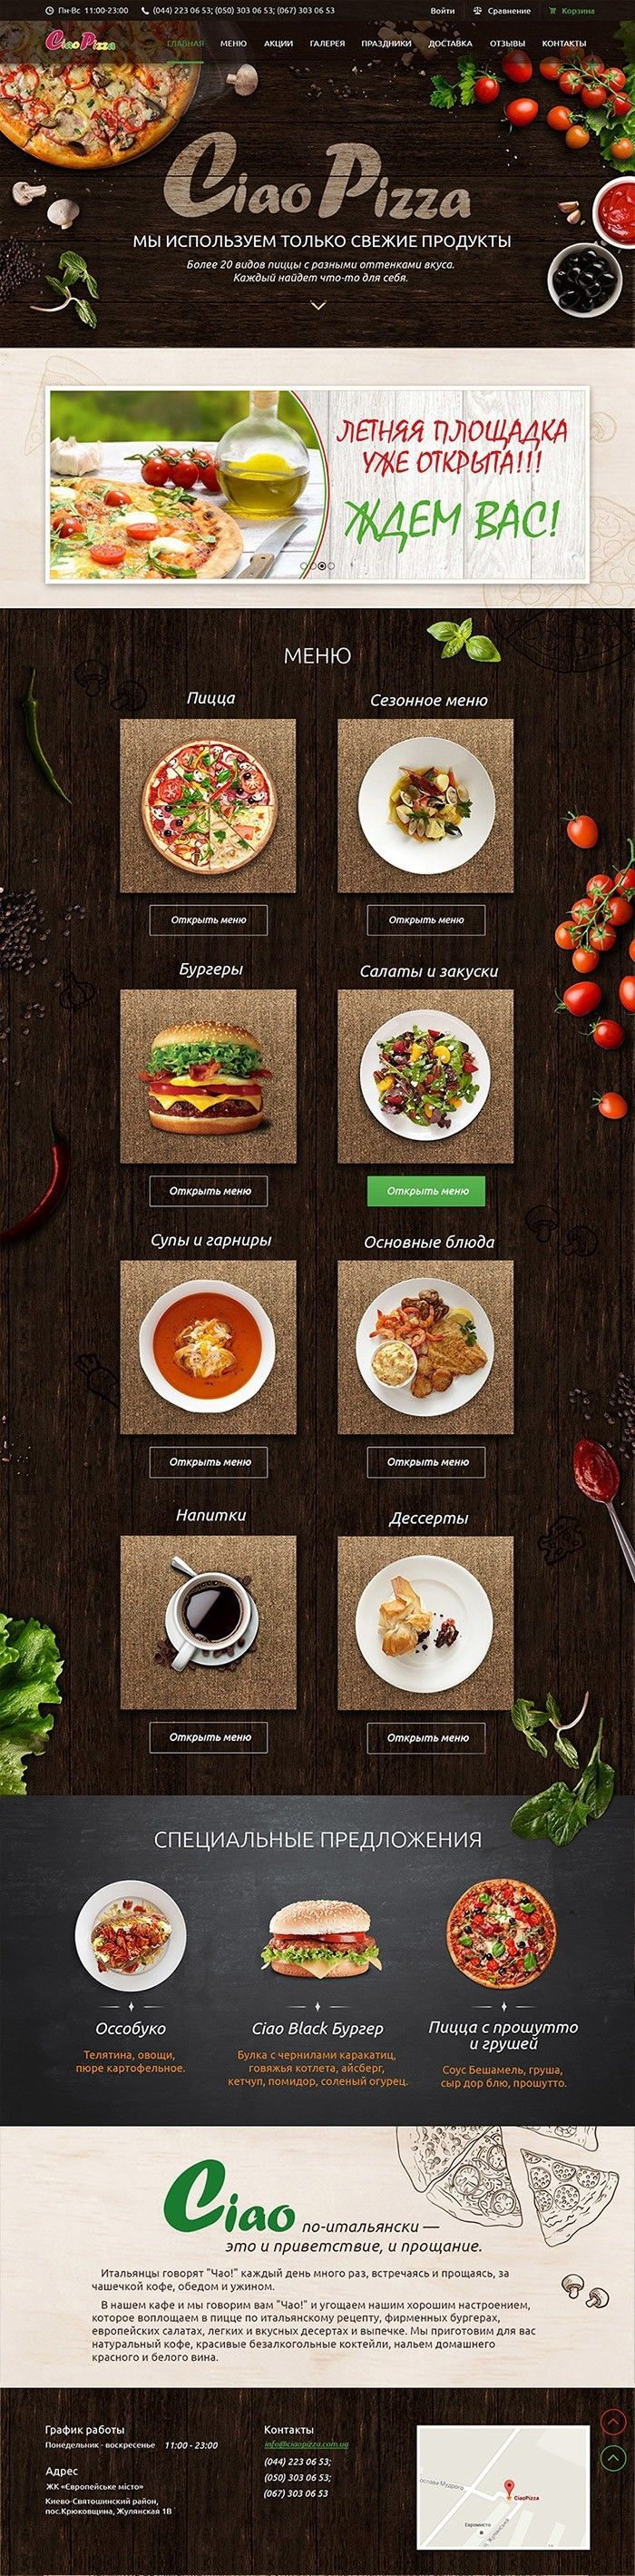 Дизайн главной страницы сайта CiaoPizza